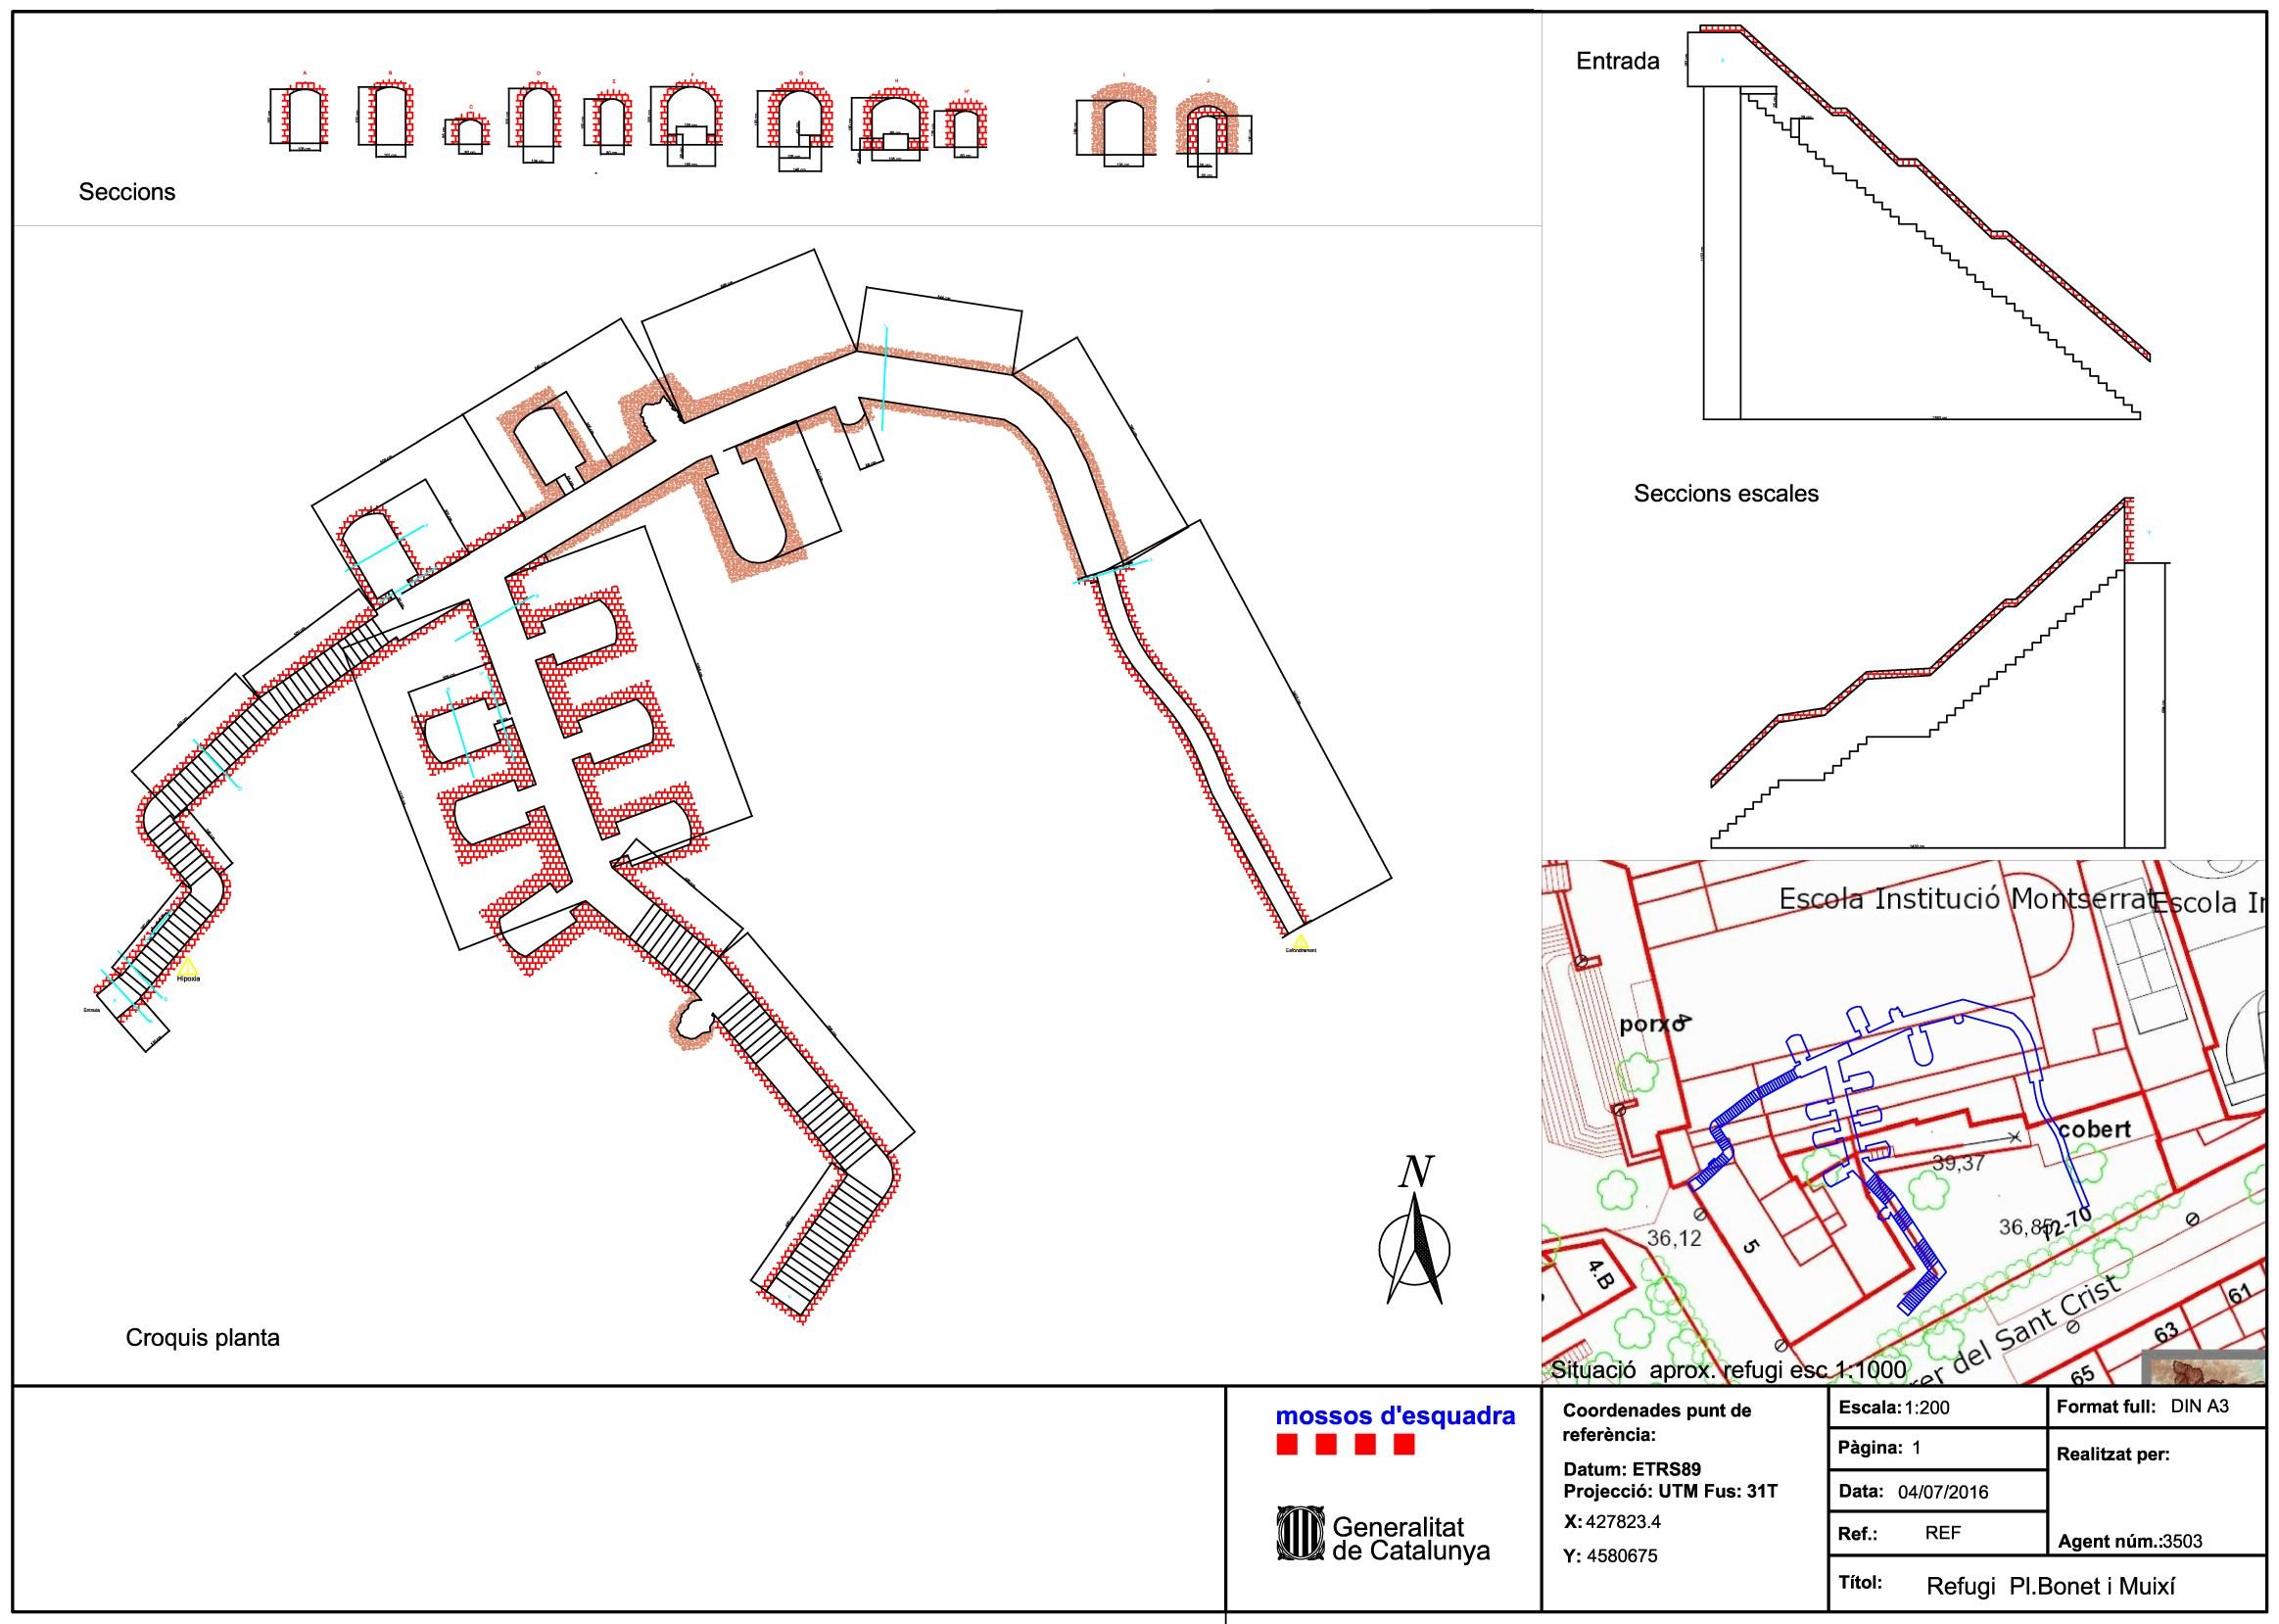 Plànol topogràfic del refugi antiaeri, realitzat per la Unitat de Subsòl dels Mossos d'Esquadra.